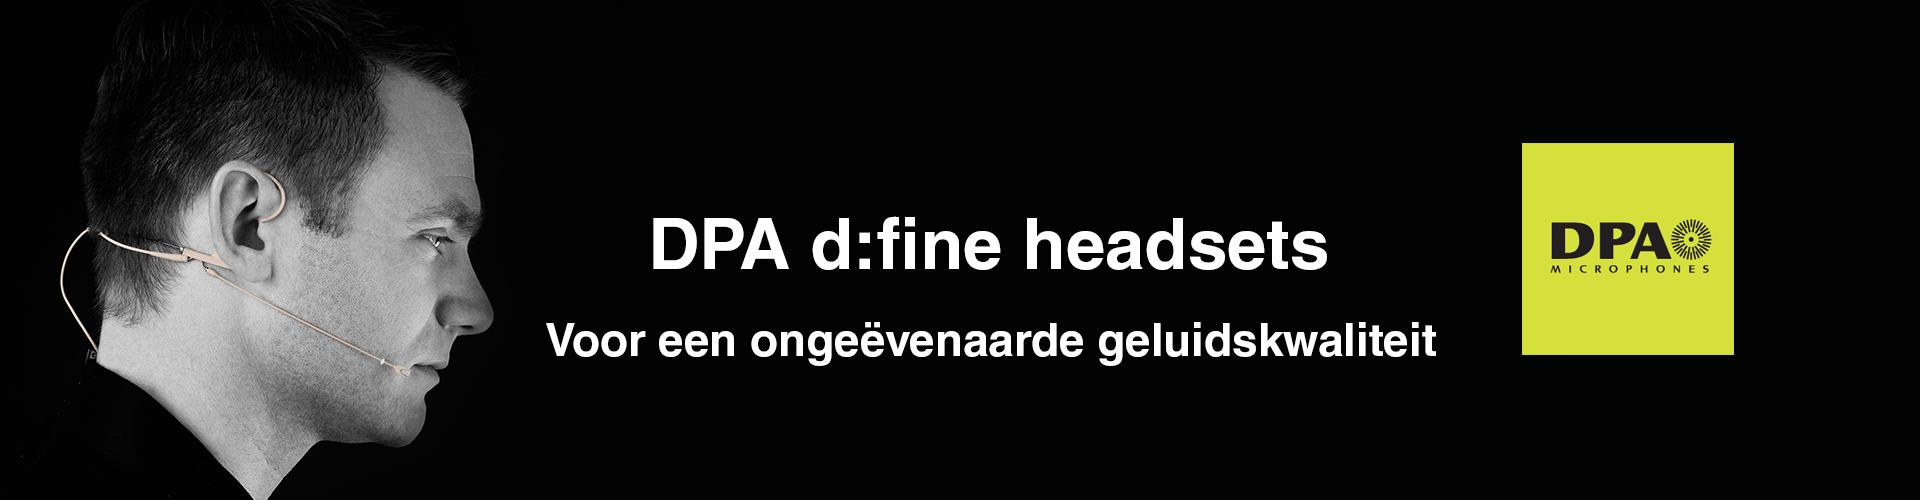 DPA d:fine headsets huren